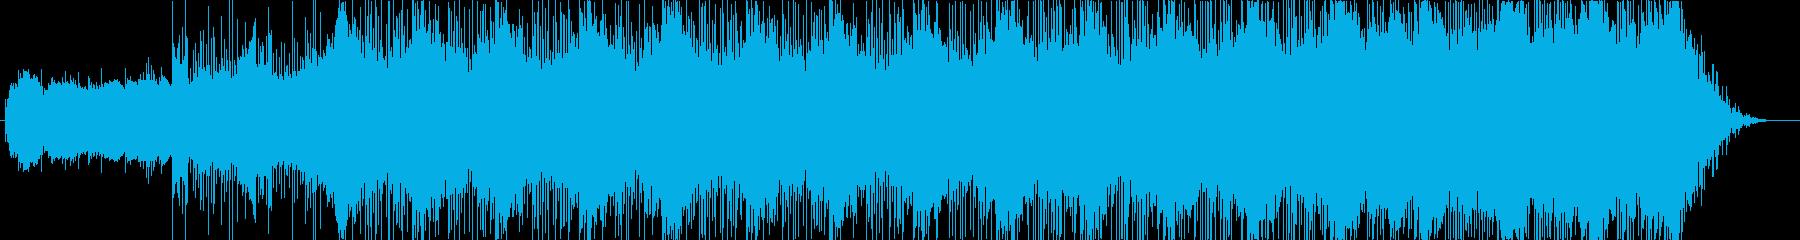 危機感溢れる迫力のオーケストラサウンドの再生済みの波形